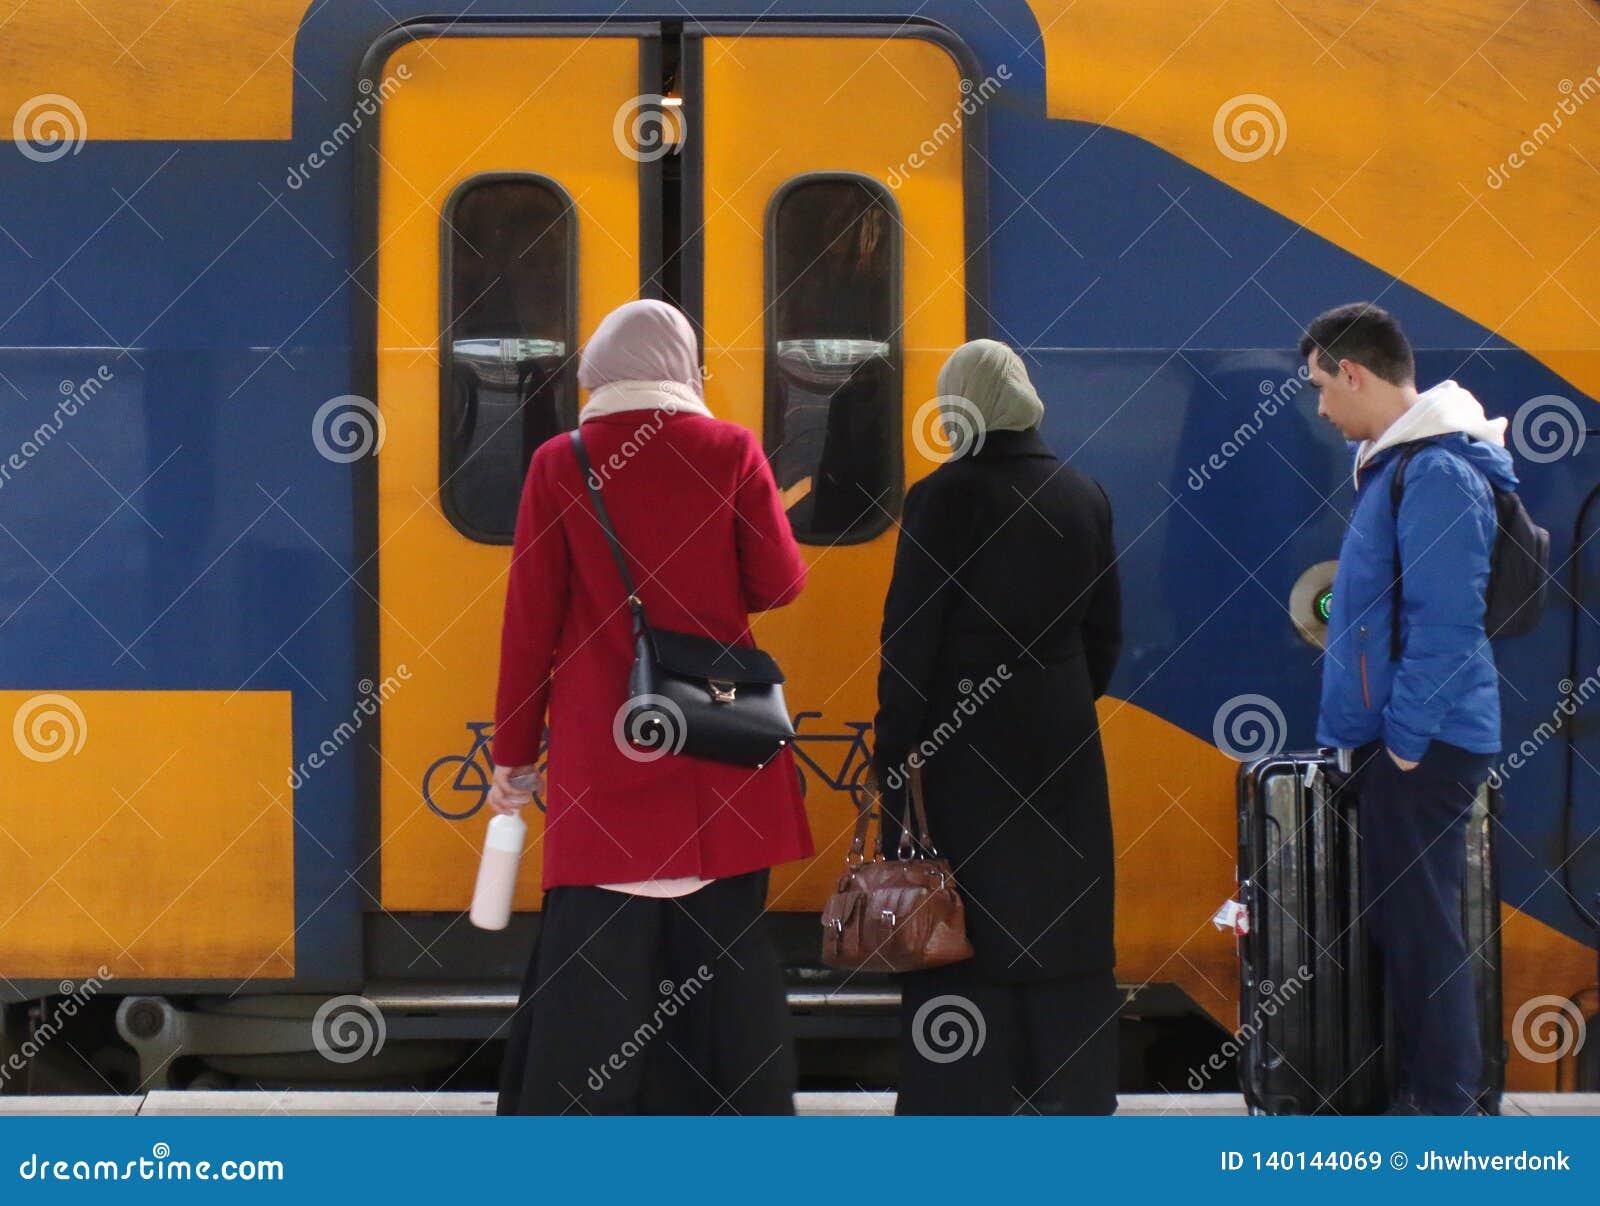 Utrecht, Нидерланд, 15-ое февраля 2019: 3 люд путешествуя с поездом и ждать двери для открытия